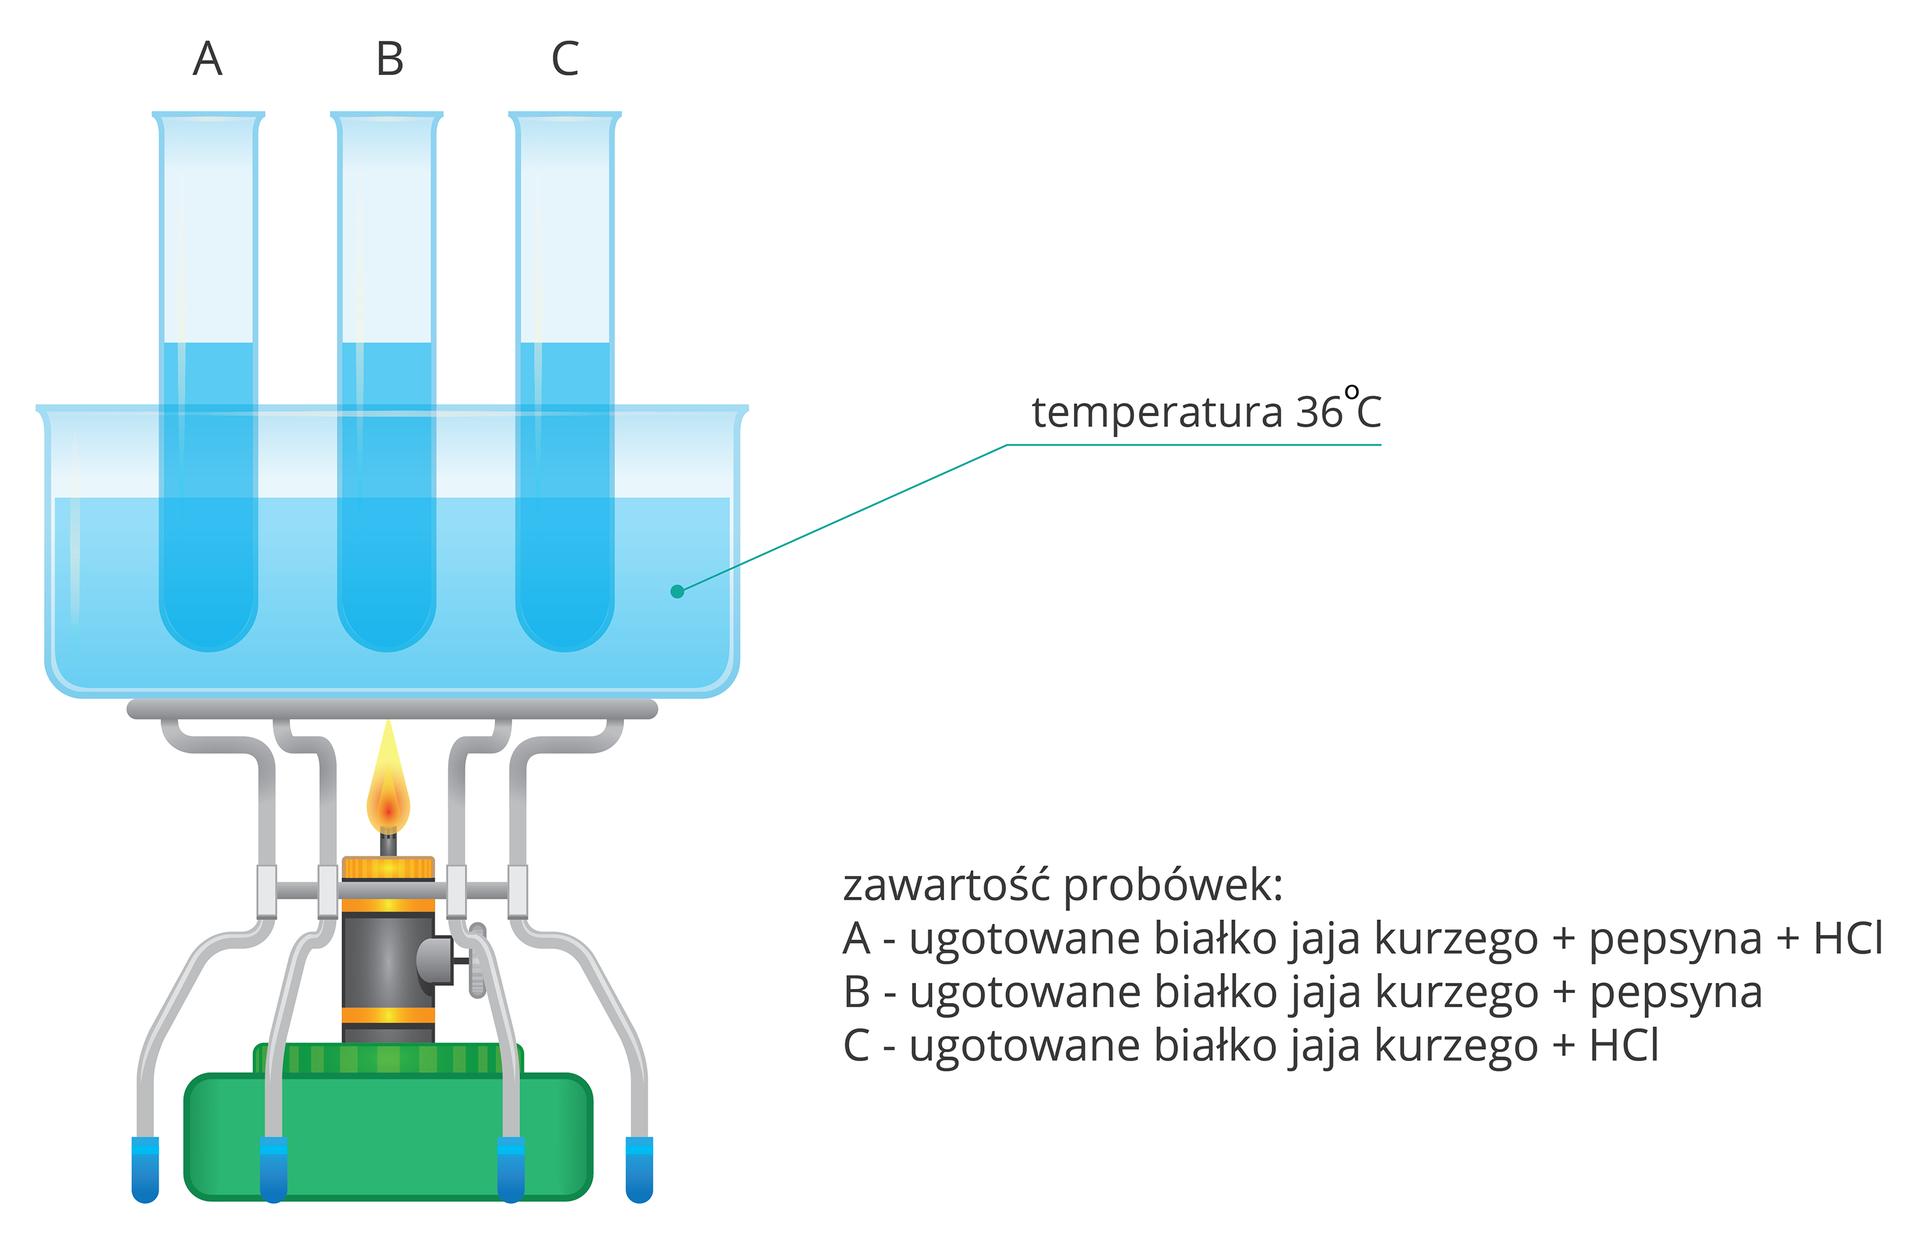 Ilustracja przedstawia zielono – szary palnik zżółtym płomieniem. Wokół znajdują się szare nóżki zbłękitnymi końcówkami. Na nich stoi szklane naczynie zwodą otemperaturze trzydziestu sześciu stopni Celsjusza. Wwodzie zanurzone są trzy probówki zszafirową zawartością, oznaczone literami A, BiC. zprawej opisano zawartość probówek: A– ugotowane białko jaja kurzego plus pepsyna plus kwas solny. Wprobówce Bnie ma kwasu solnego, awprobówce Cpepsyny.